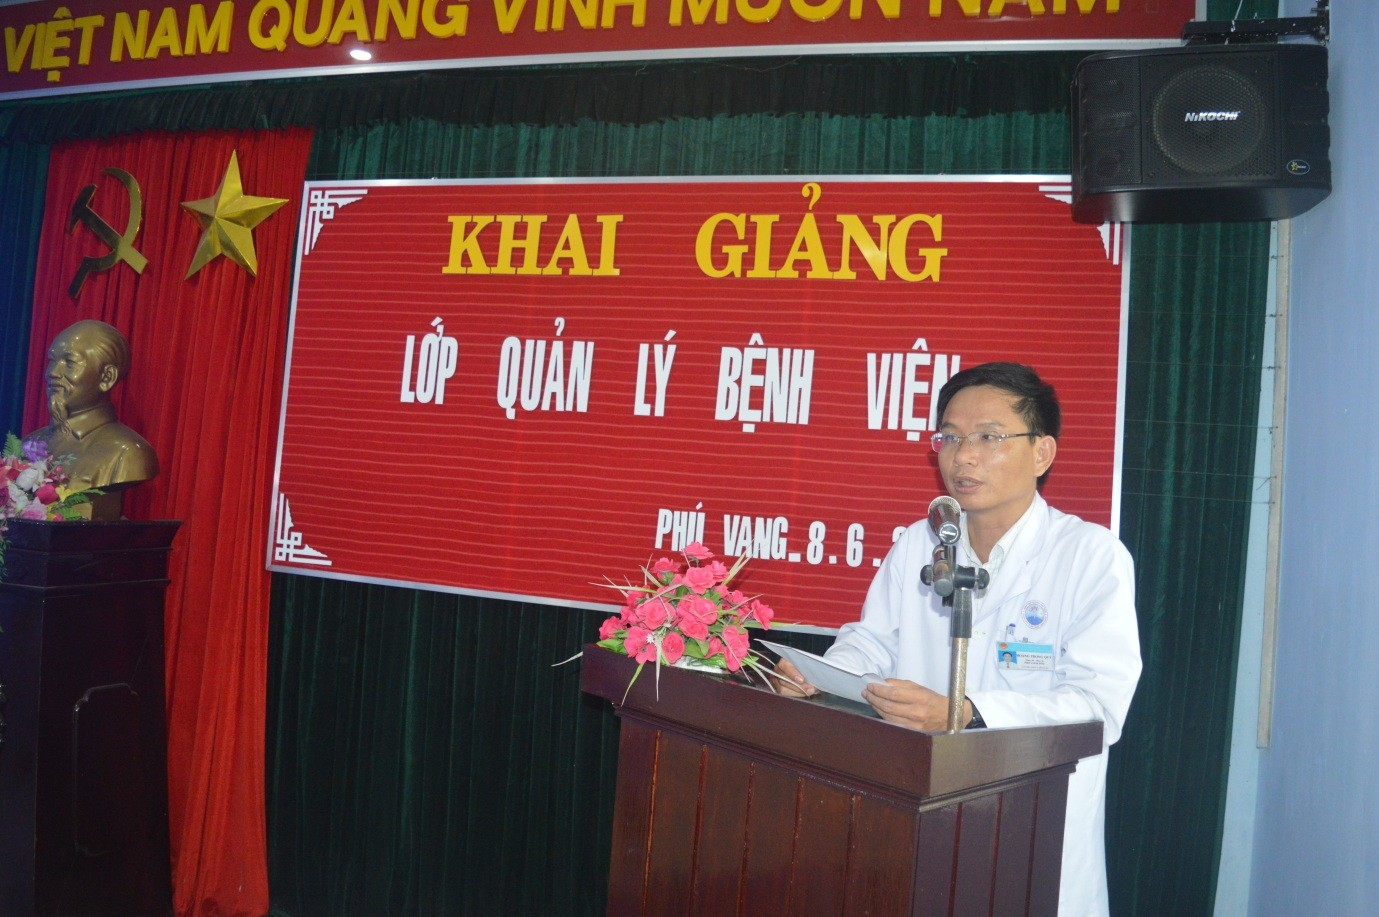 Khai giảng lớp quản lý Bệnh viện tại Trung tâm Y tế huyện Phú Vang